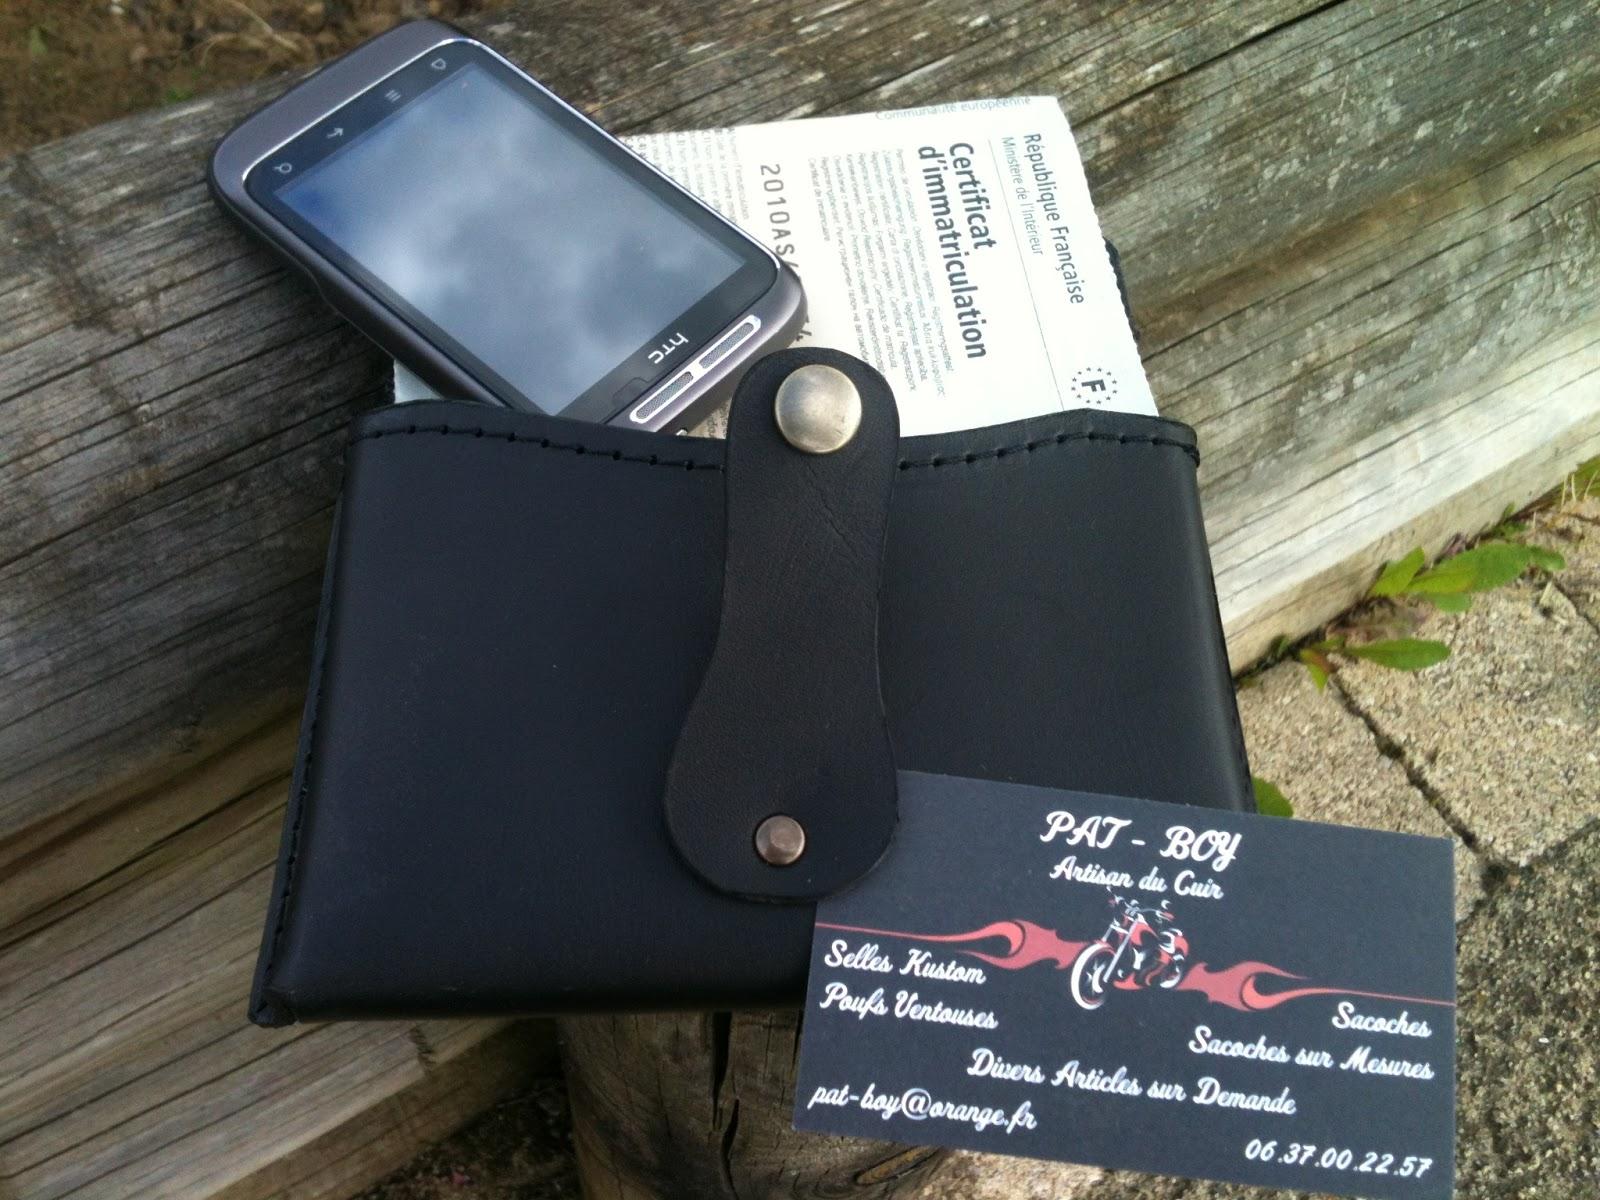 pat boy artisan du cuir sacoche carte grise tel portable passant ceinture 35 euros. Black Bedroom Furniture Sets. Home Design Ideas